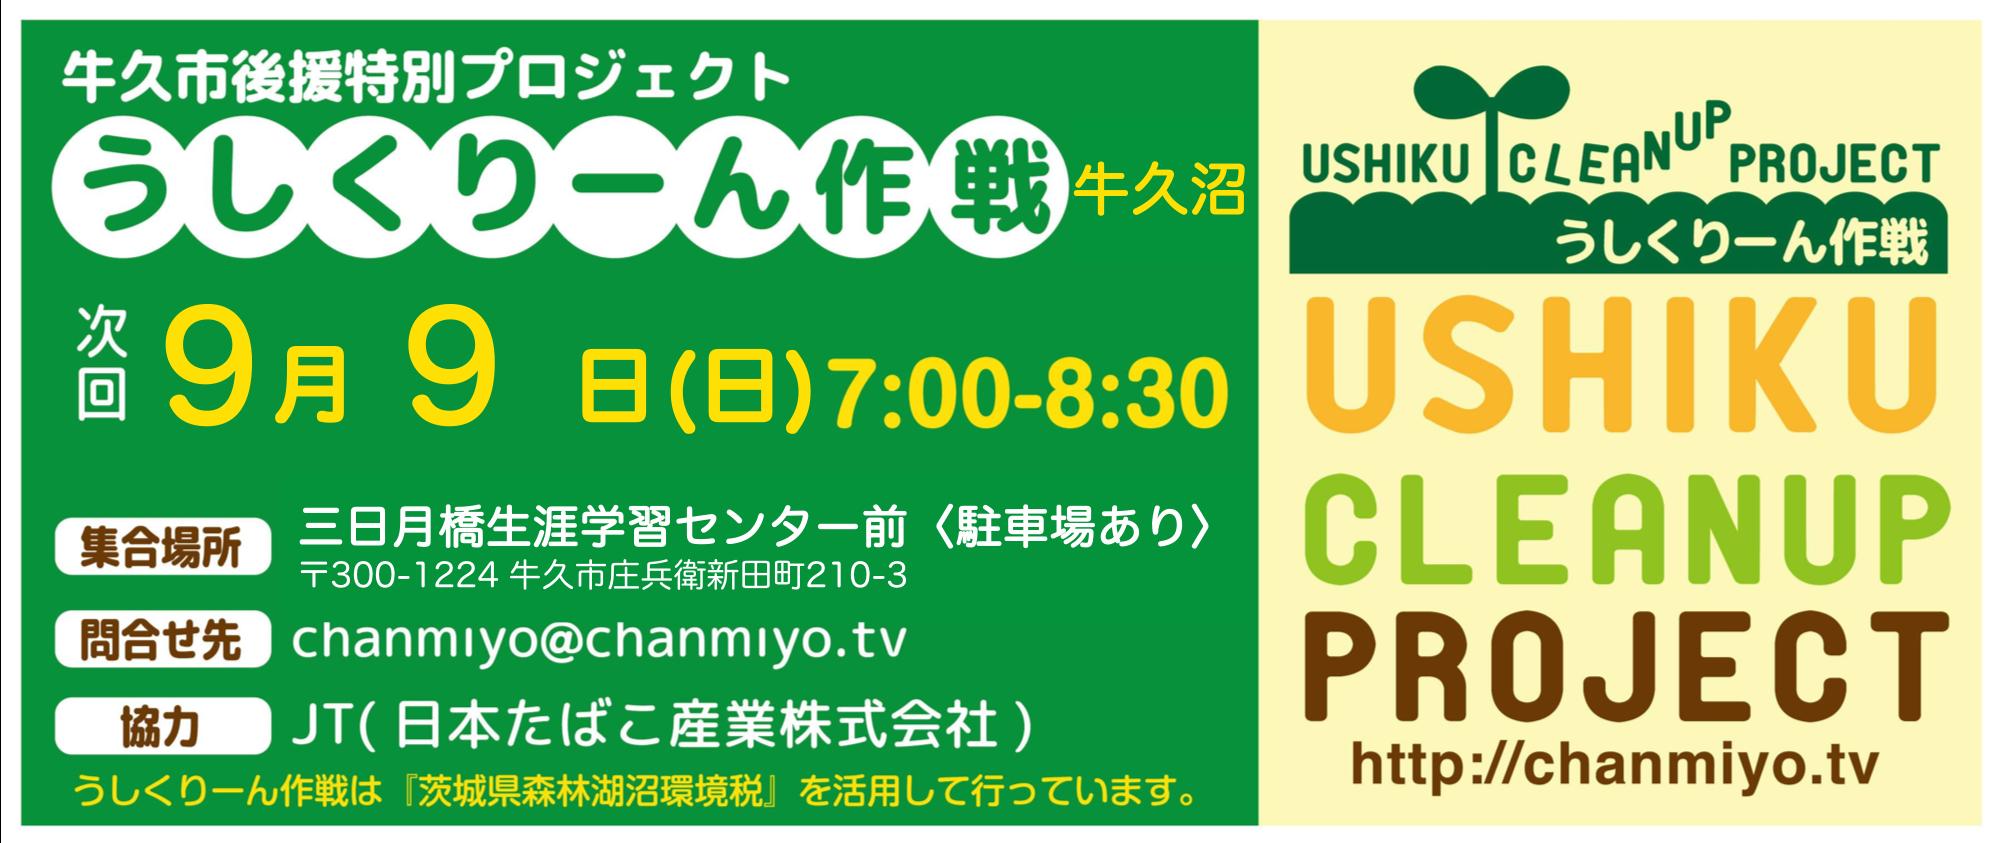 SUP JOINS PLASTIC PATROL ON USHIKU (第35回うしくりーん作戦) 参加者募集